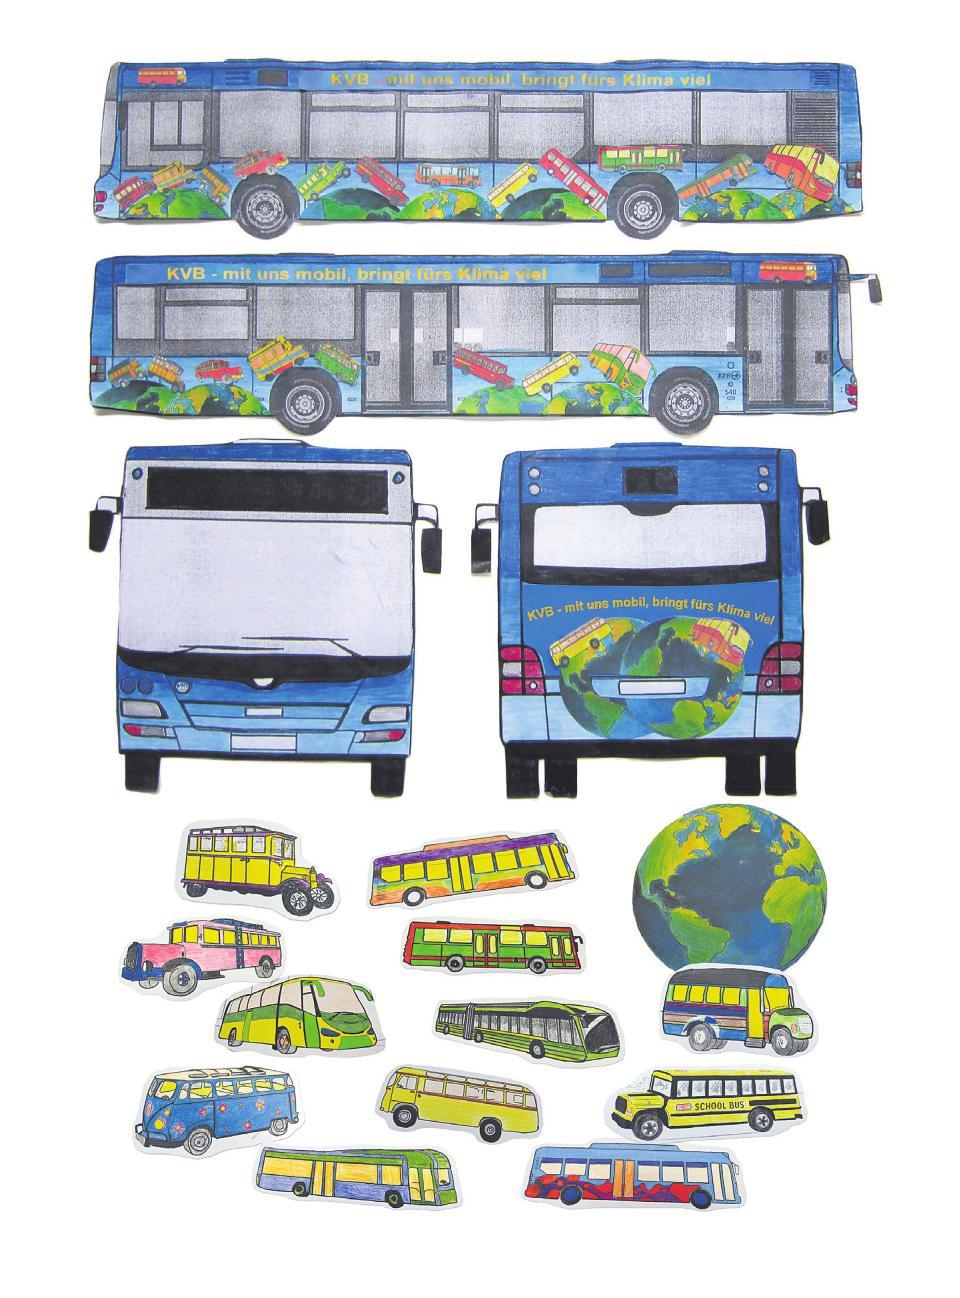 """Kopernikusschule, Kunstgruppe Klasse 9: """"Fridays for Future"""" hat es geschafft, unterschiedliche Menschen wachzurütteln und zum Nachdenken und CO2-Sparen zu bewegen. Wir wollen möglichst viele Menschen dazu bringen, vom Auto oder Flugzeug auf den Bus umzusteigen und zeigen, wie klimafreundlich sich die Busse entwickelt haben. Deshalb: """"KVB – mit uns mobil bringt fürs Klima viel."""""""